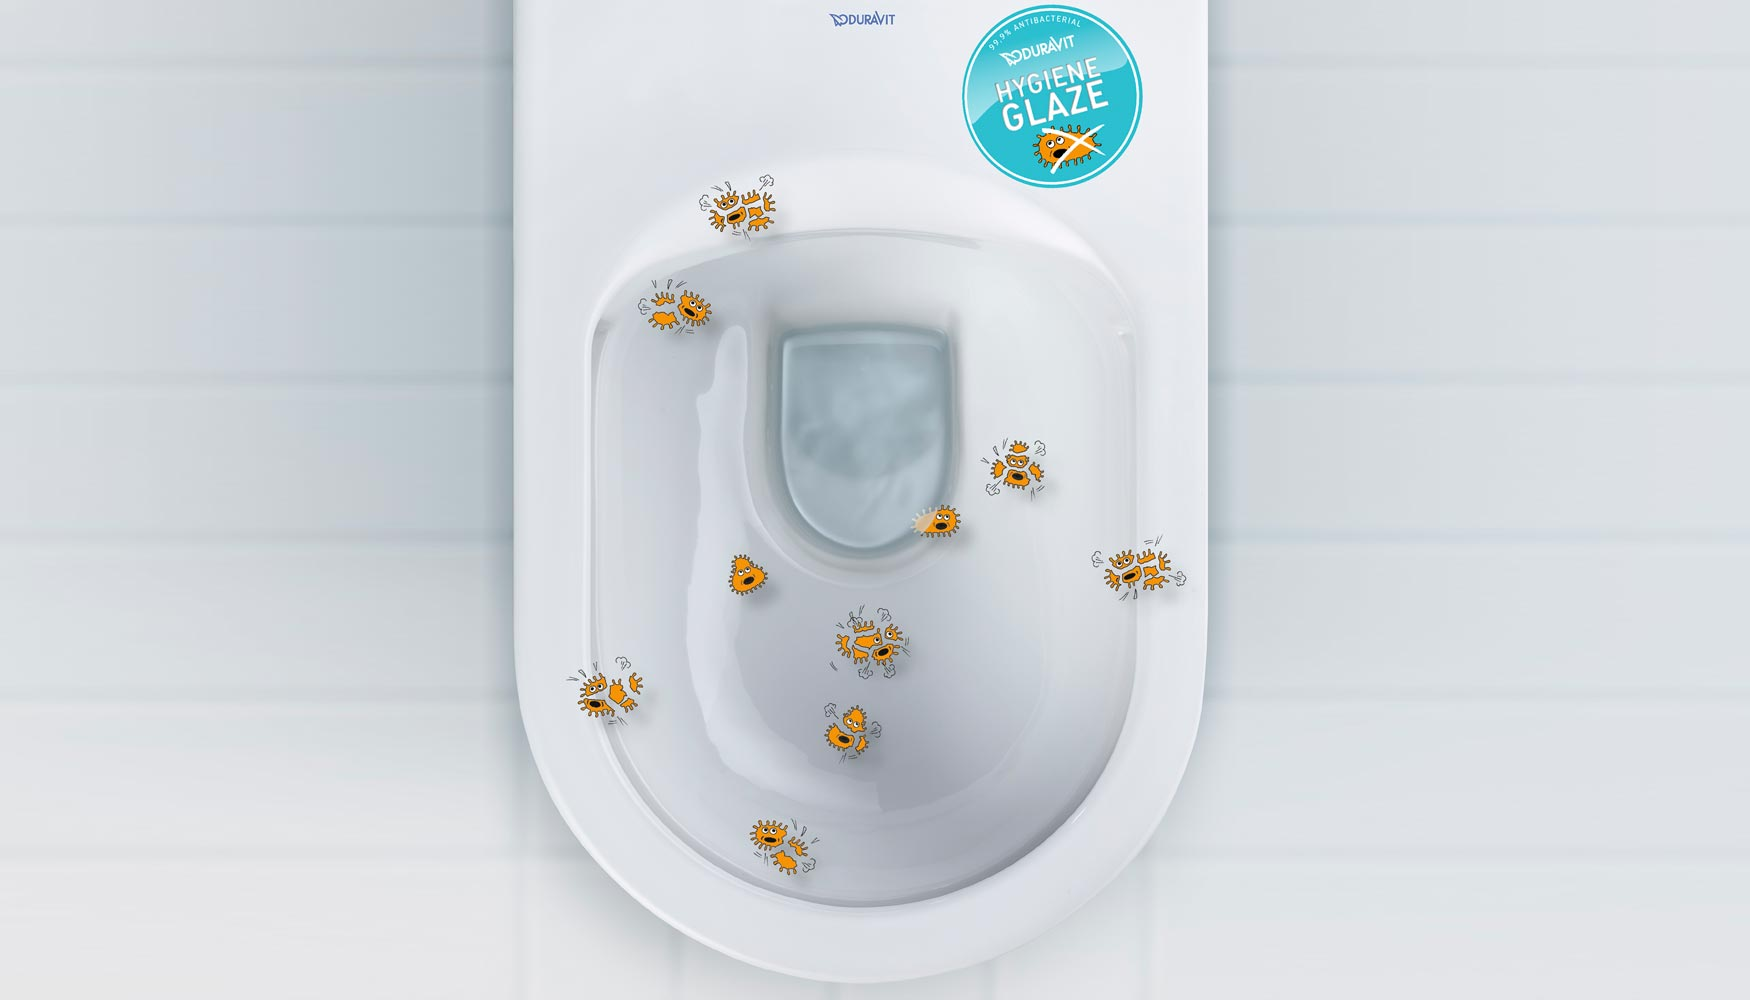 Hygieneglaze De Duravit Combate Los G Rmenes Del Inodoro